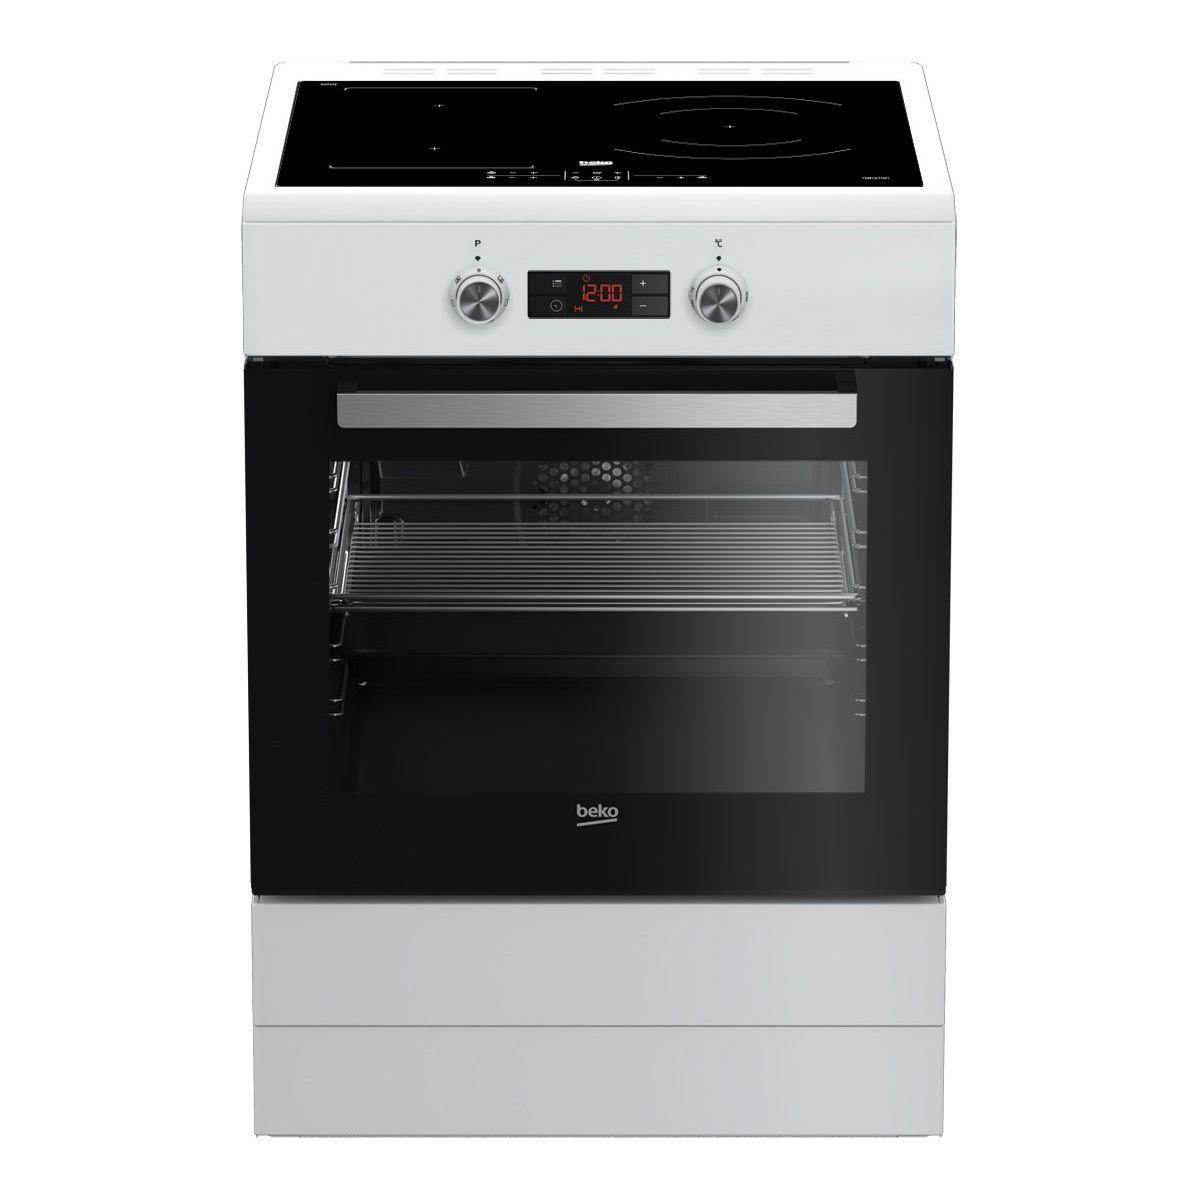 Achat Plaque Induction Pas Cher cuisinière induction beko fse68330wcs pas cher - cuisinière